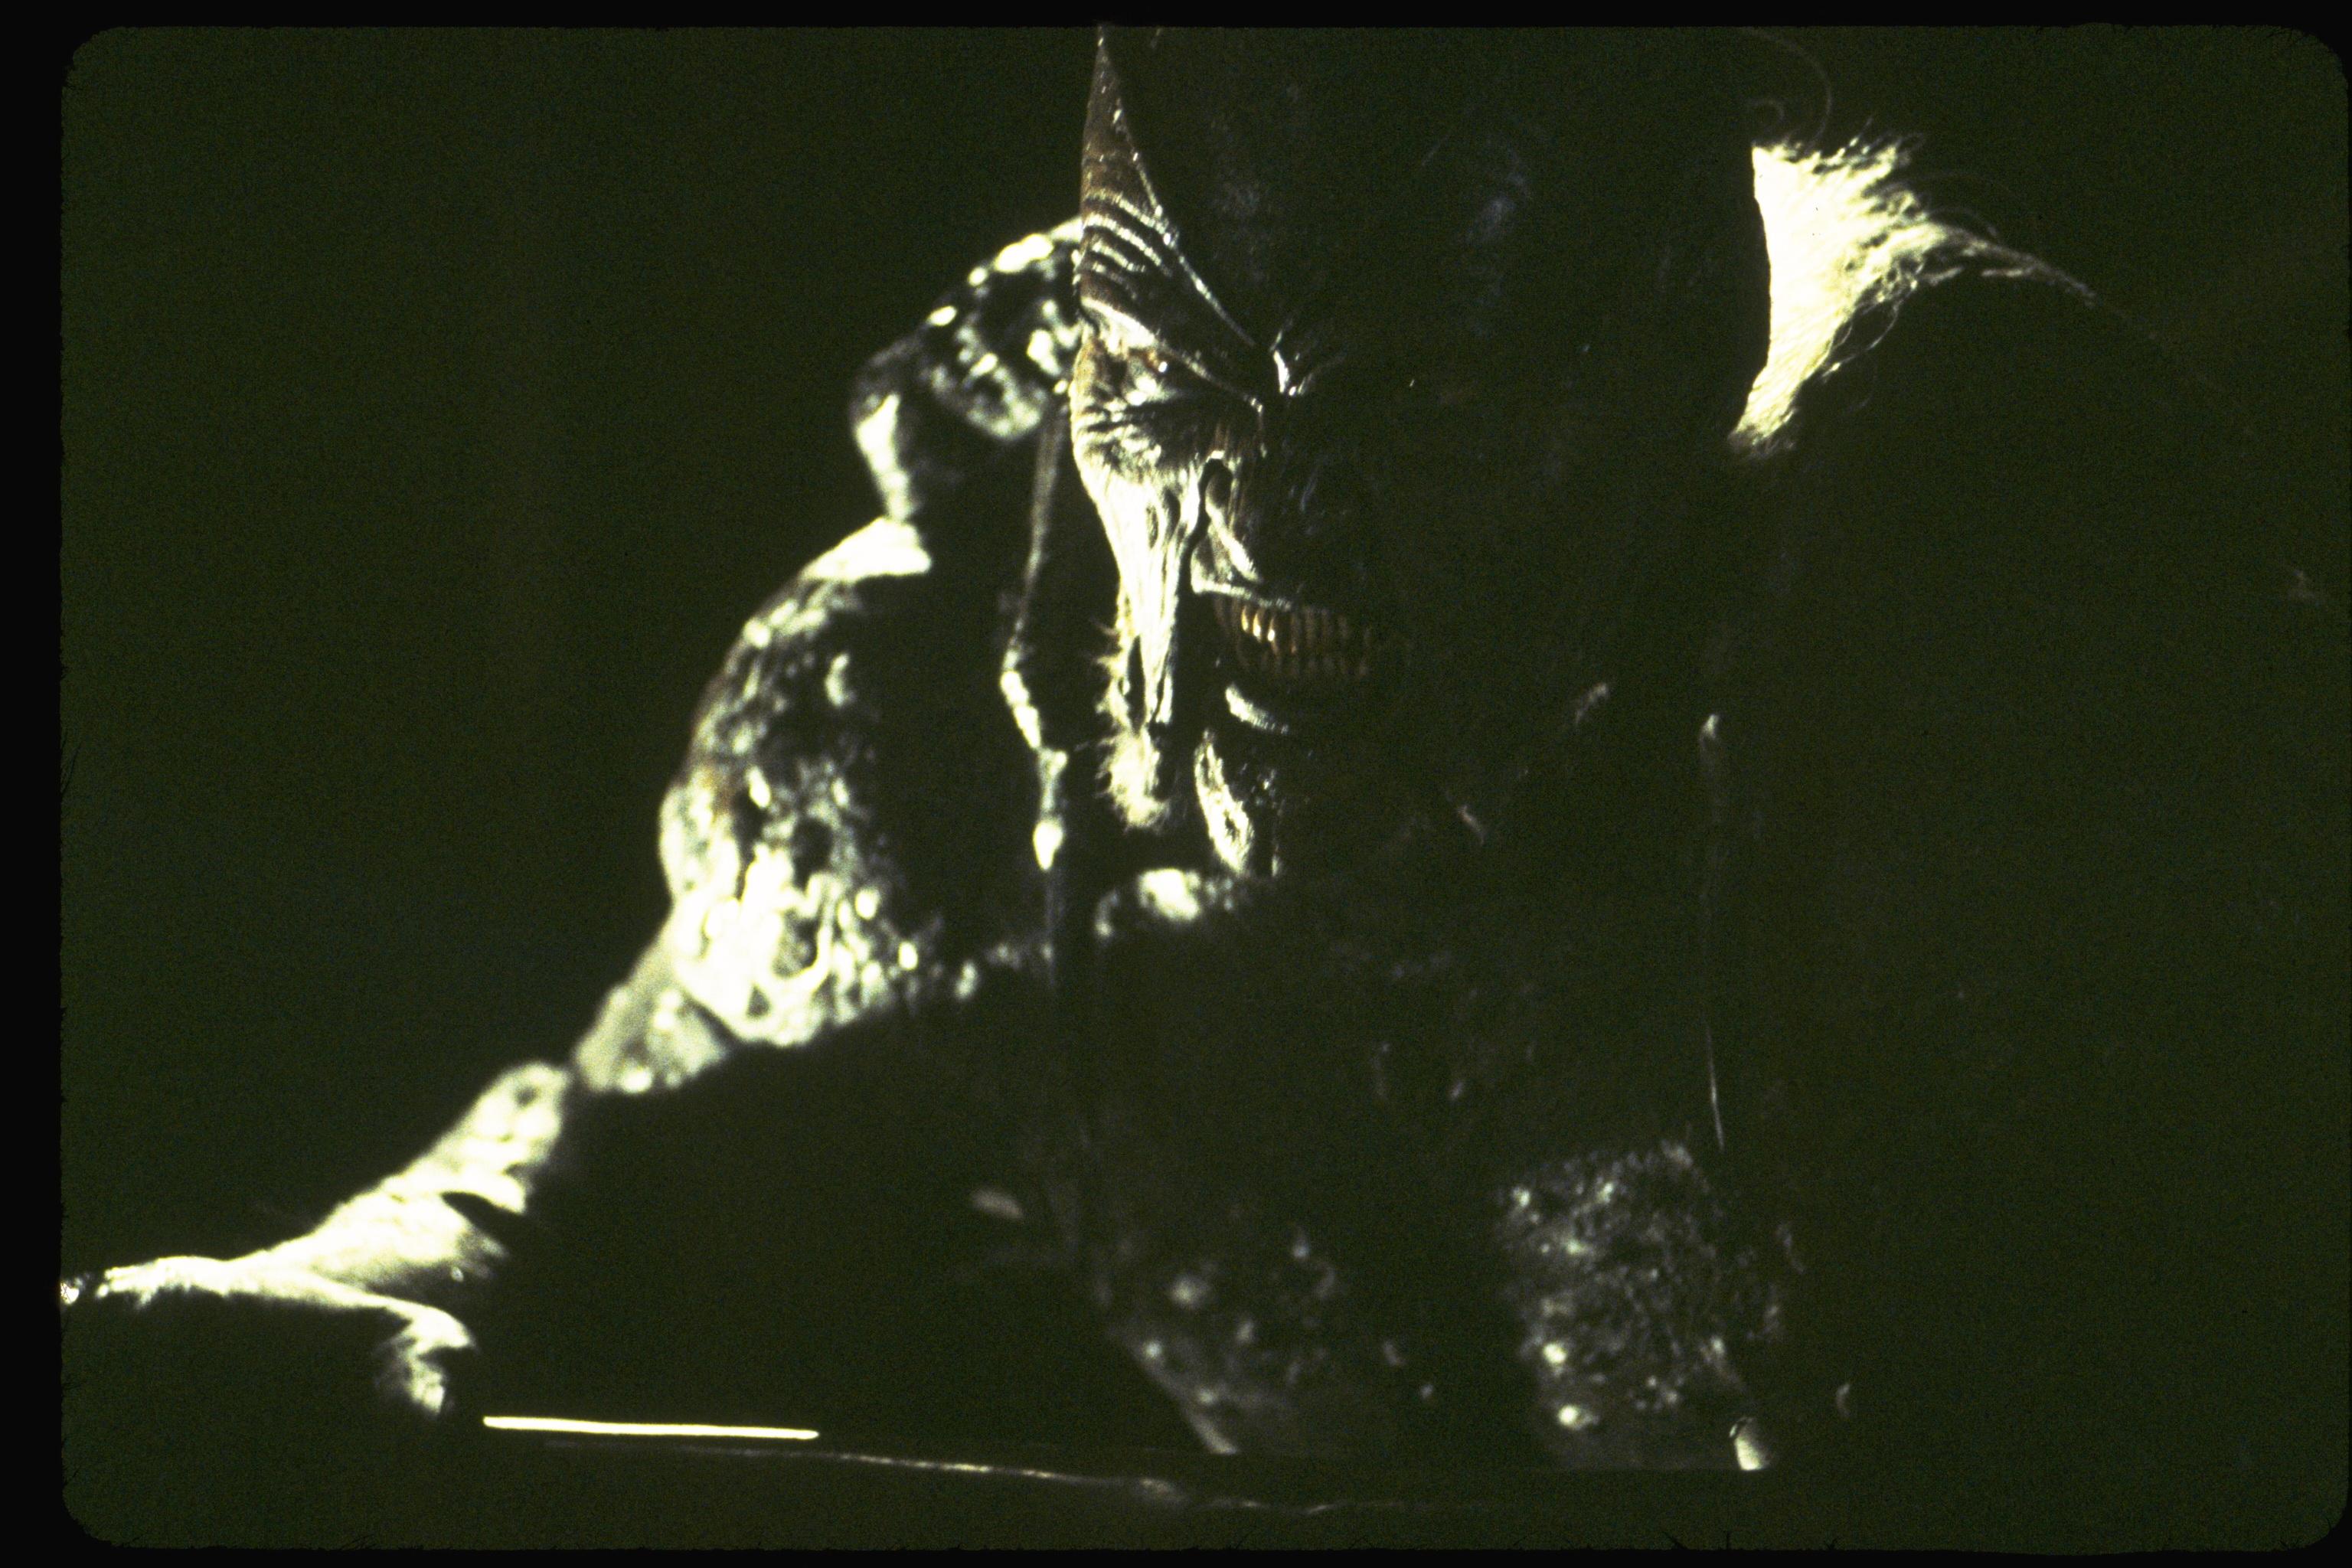 кадры из фильма Джиперс Криперс 2